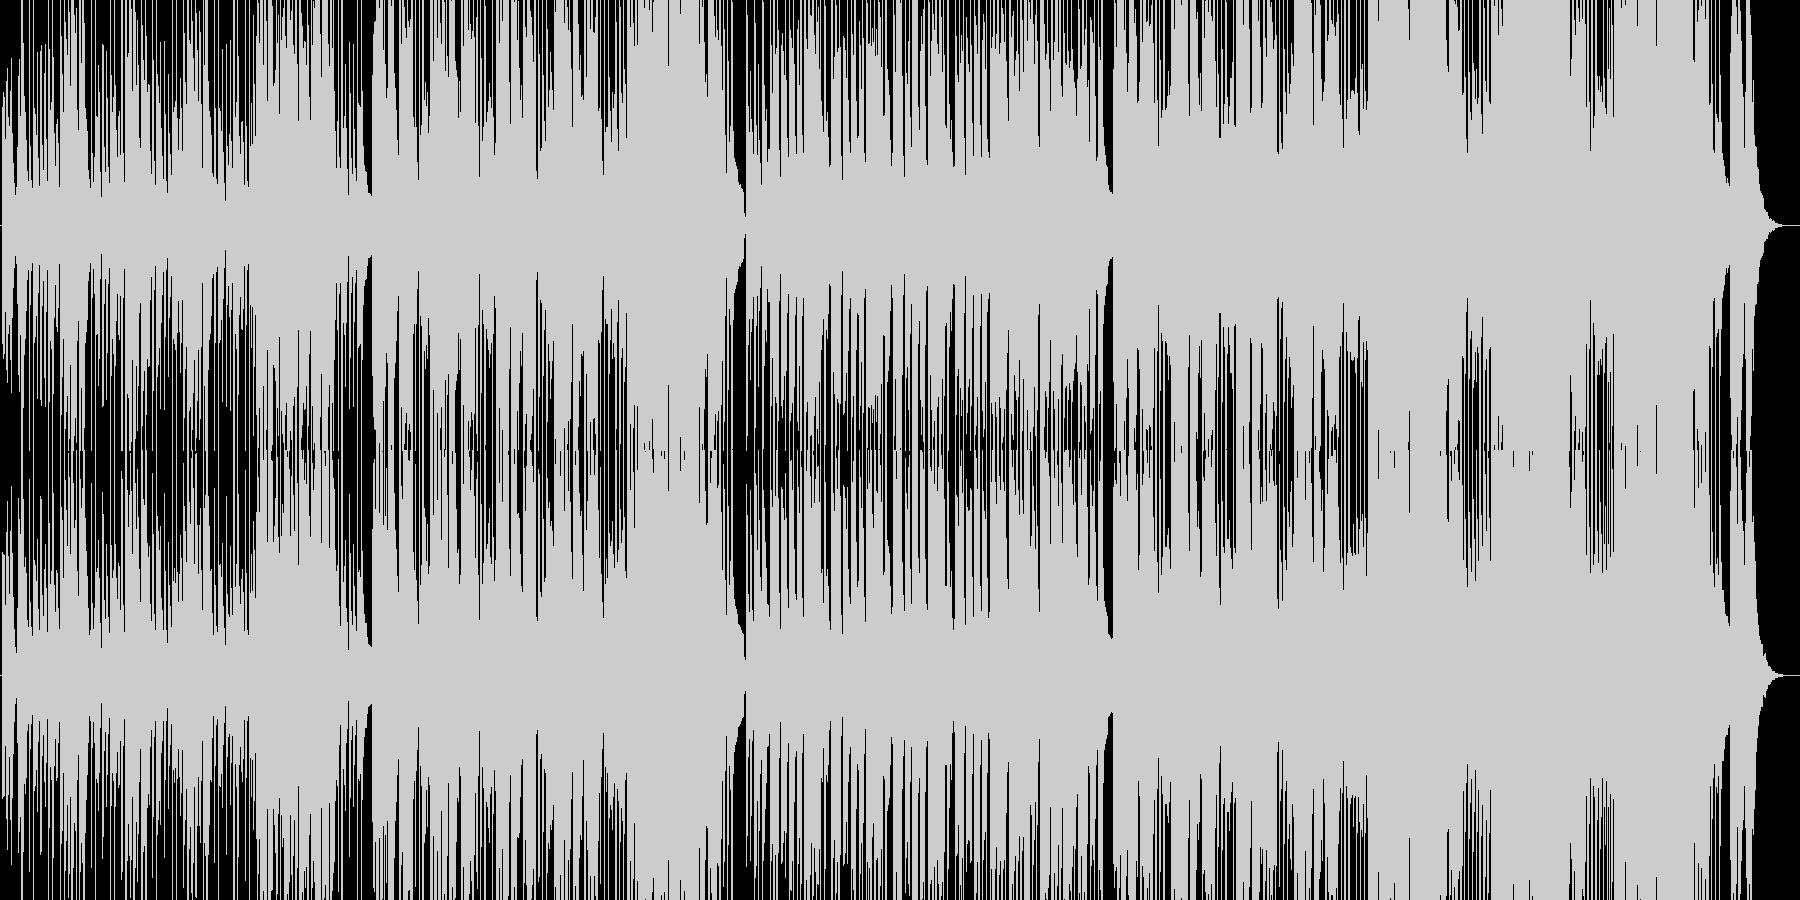 ビッグホーン、ラテン系のリズム、伝...の未再生の波形